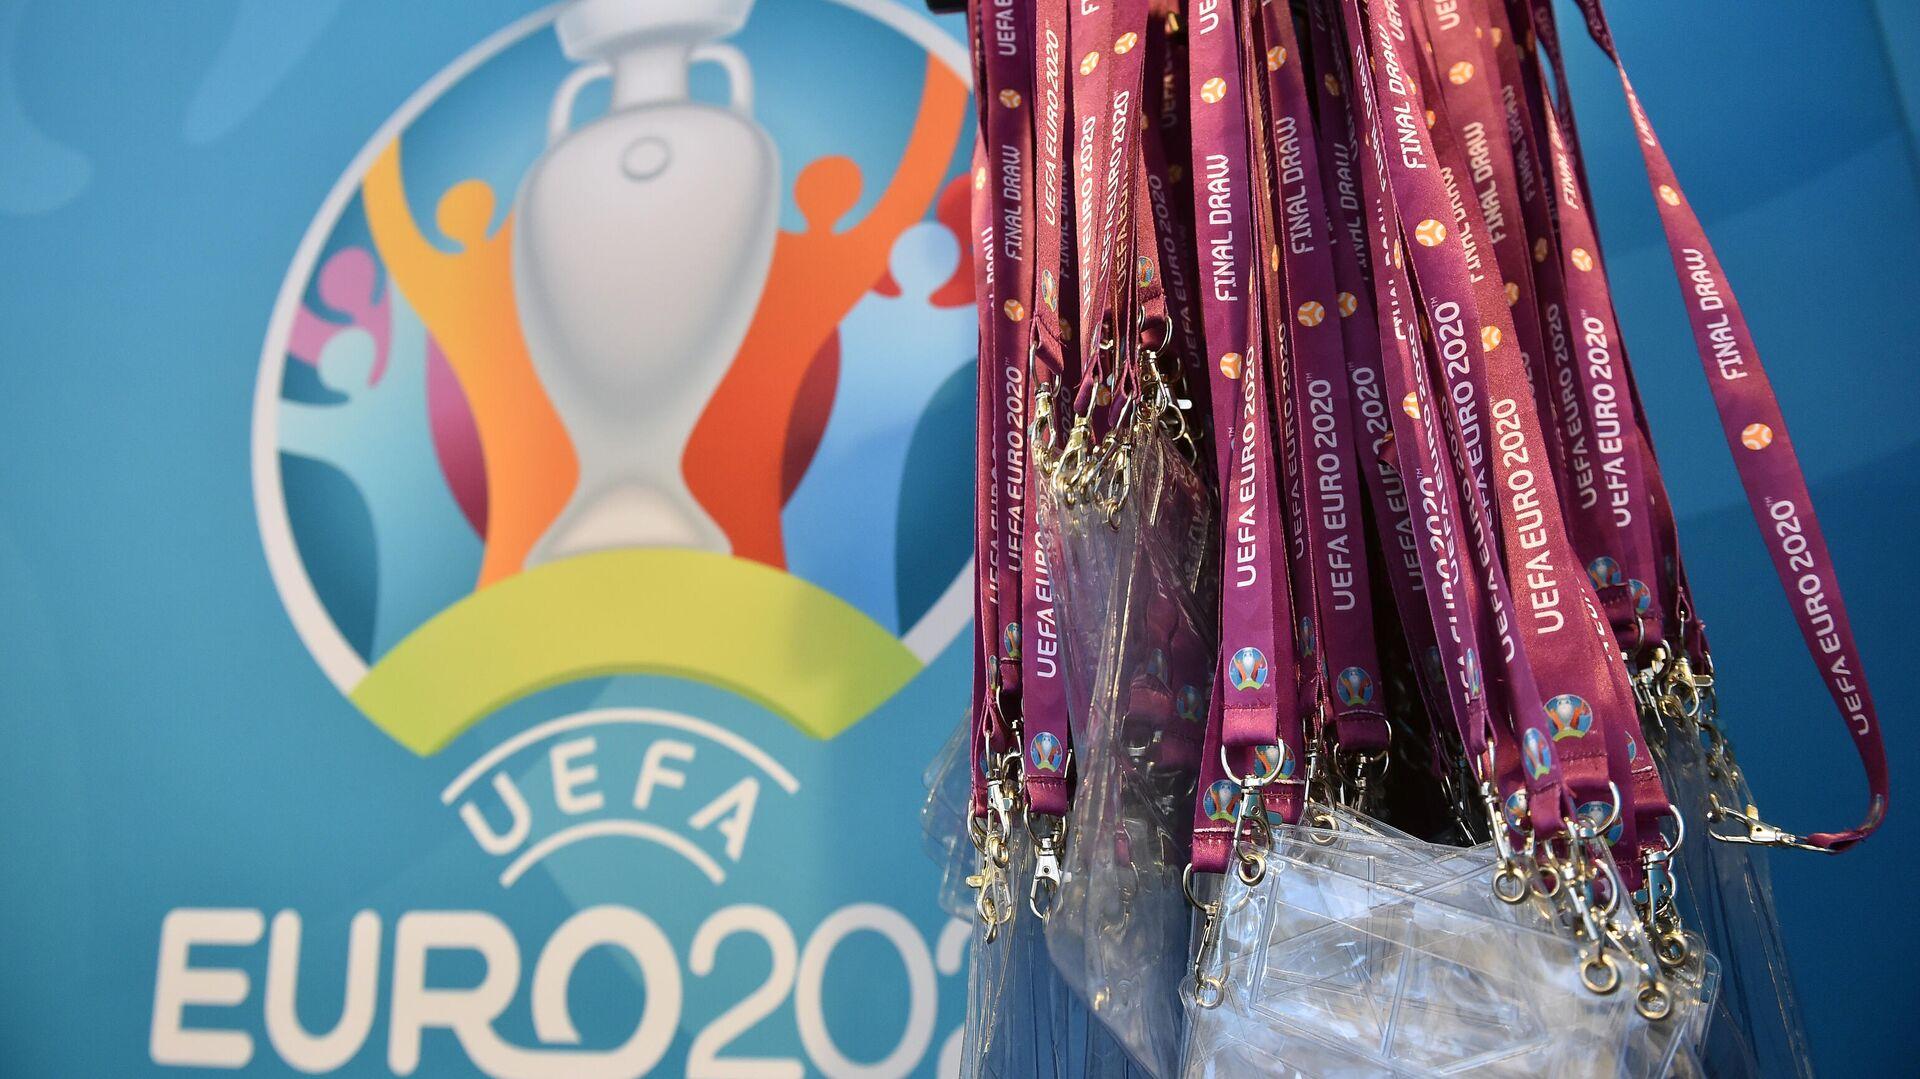 Церемония жеребьевки финального турнира ЕВРО-2020 - РИА Новости, 1920, 15.09.2020